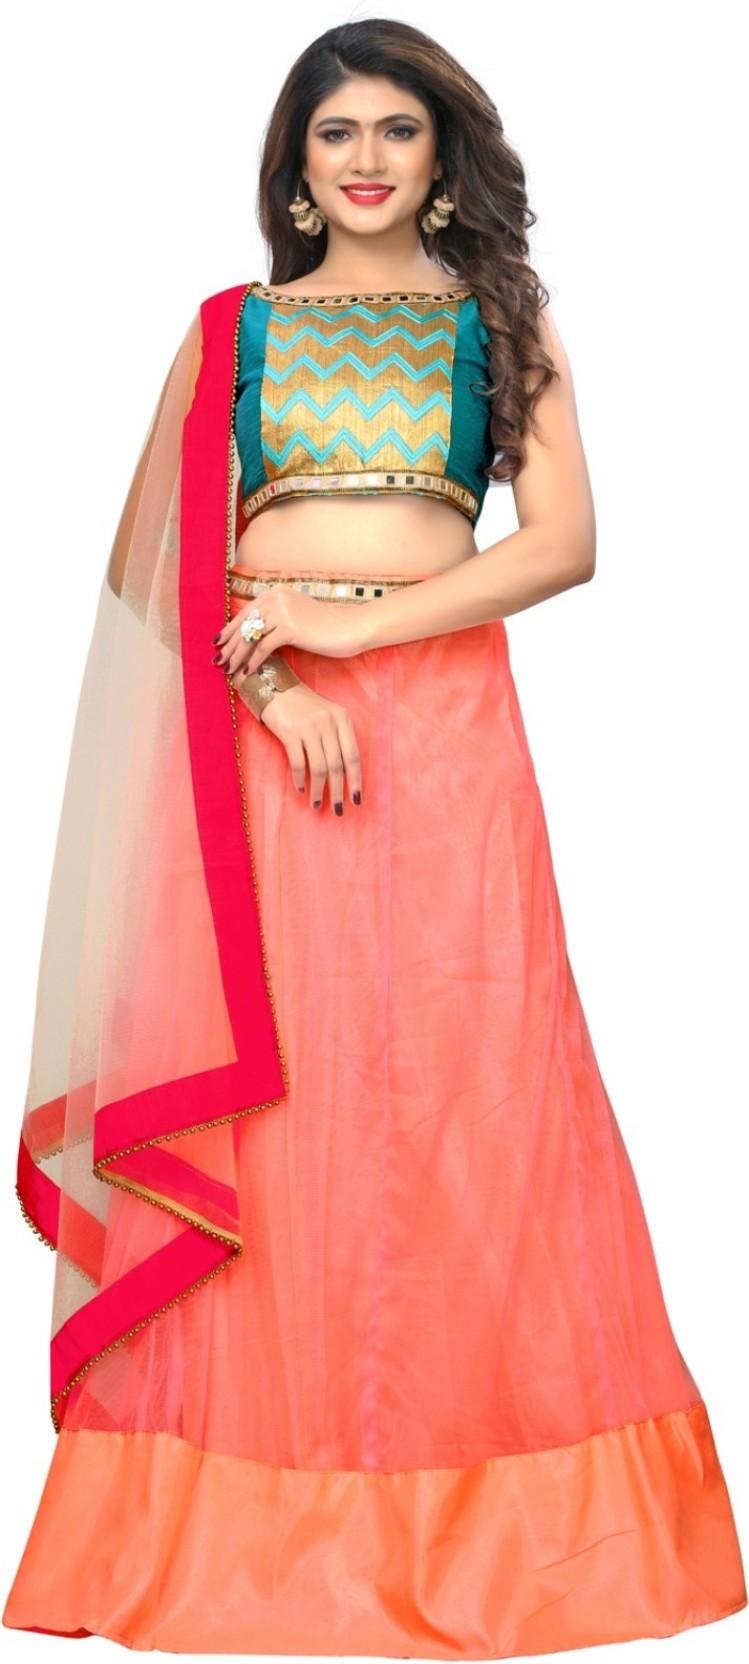 7c957c8c4b0baa Greenvilla Designs Embellished Semi Stitched Ghagra, Choli, Dupatta Set  (Pink)